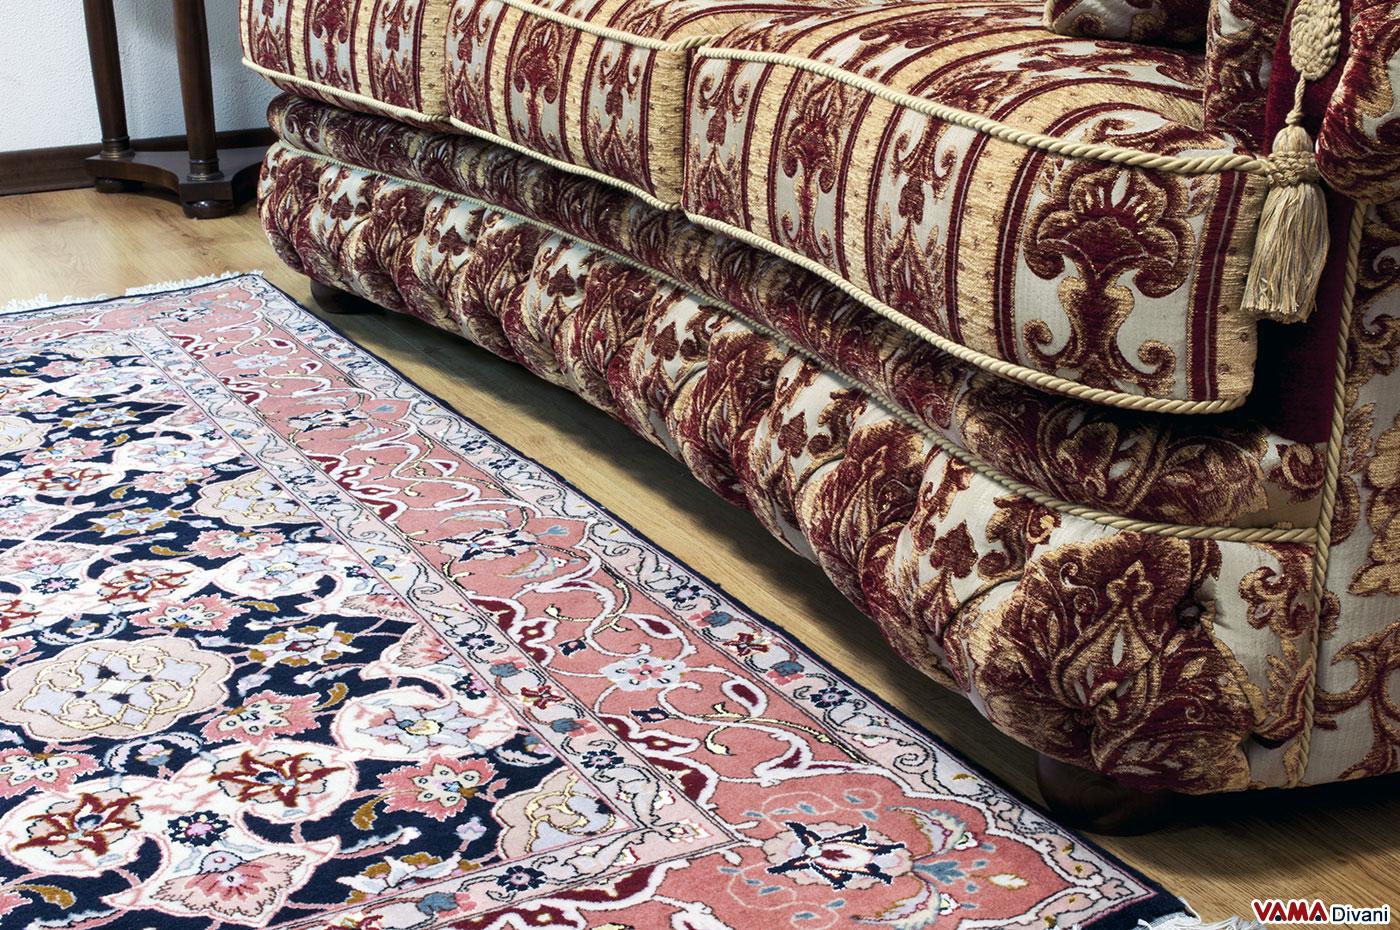 Divano damascato idea intrigante per un arredo lussuoso - Divano tessuto damascato ...